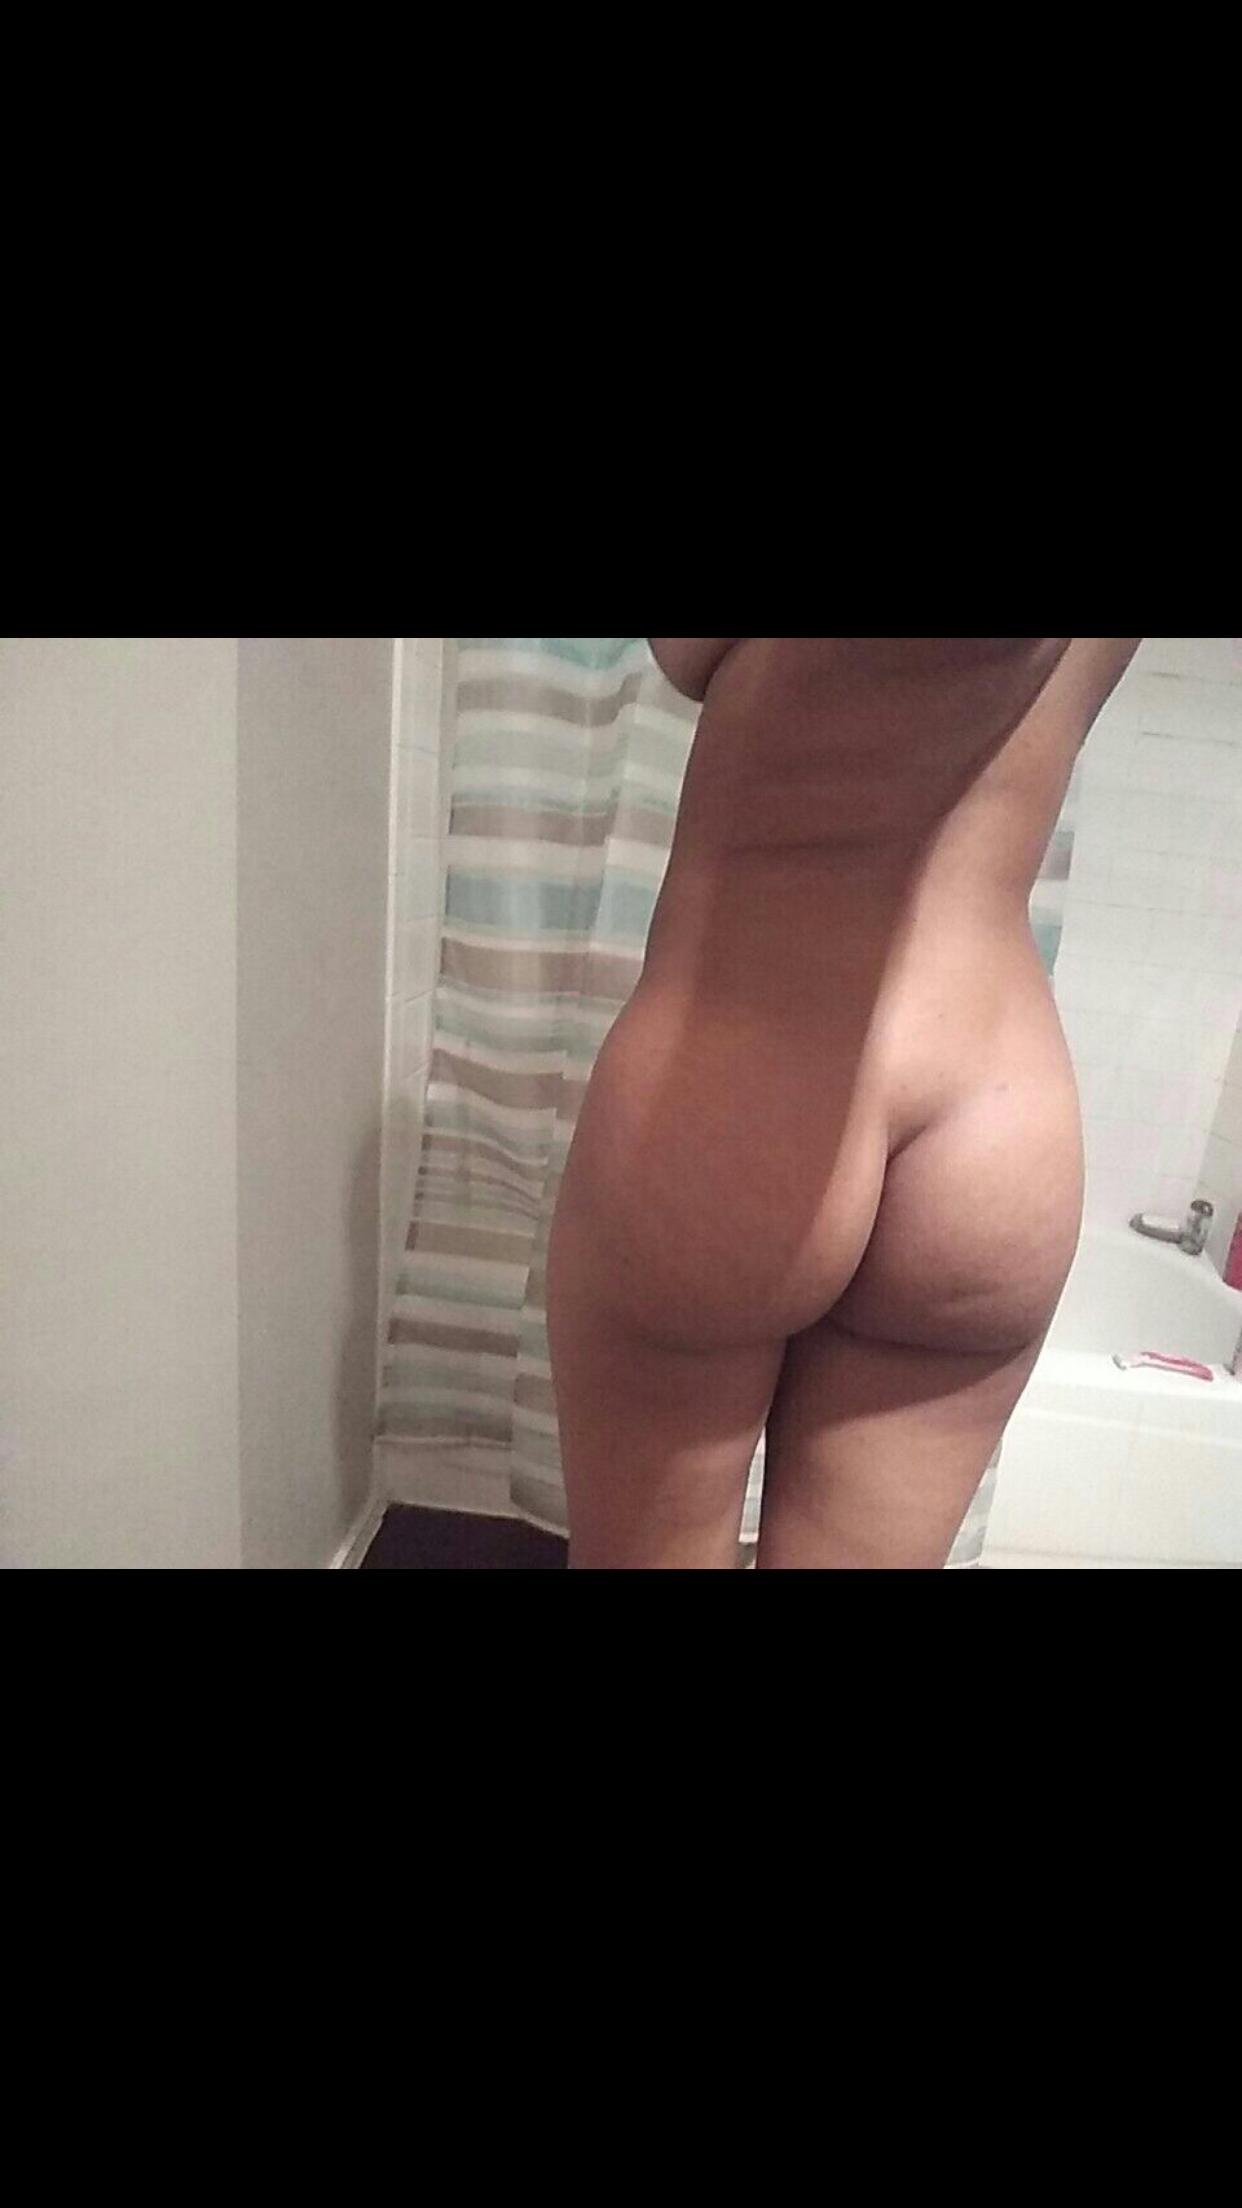 Stripping in public videos